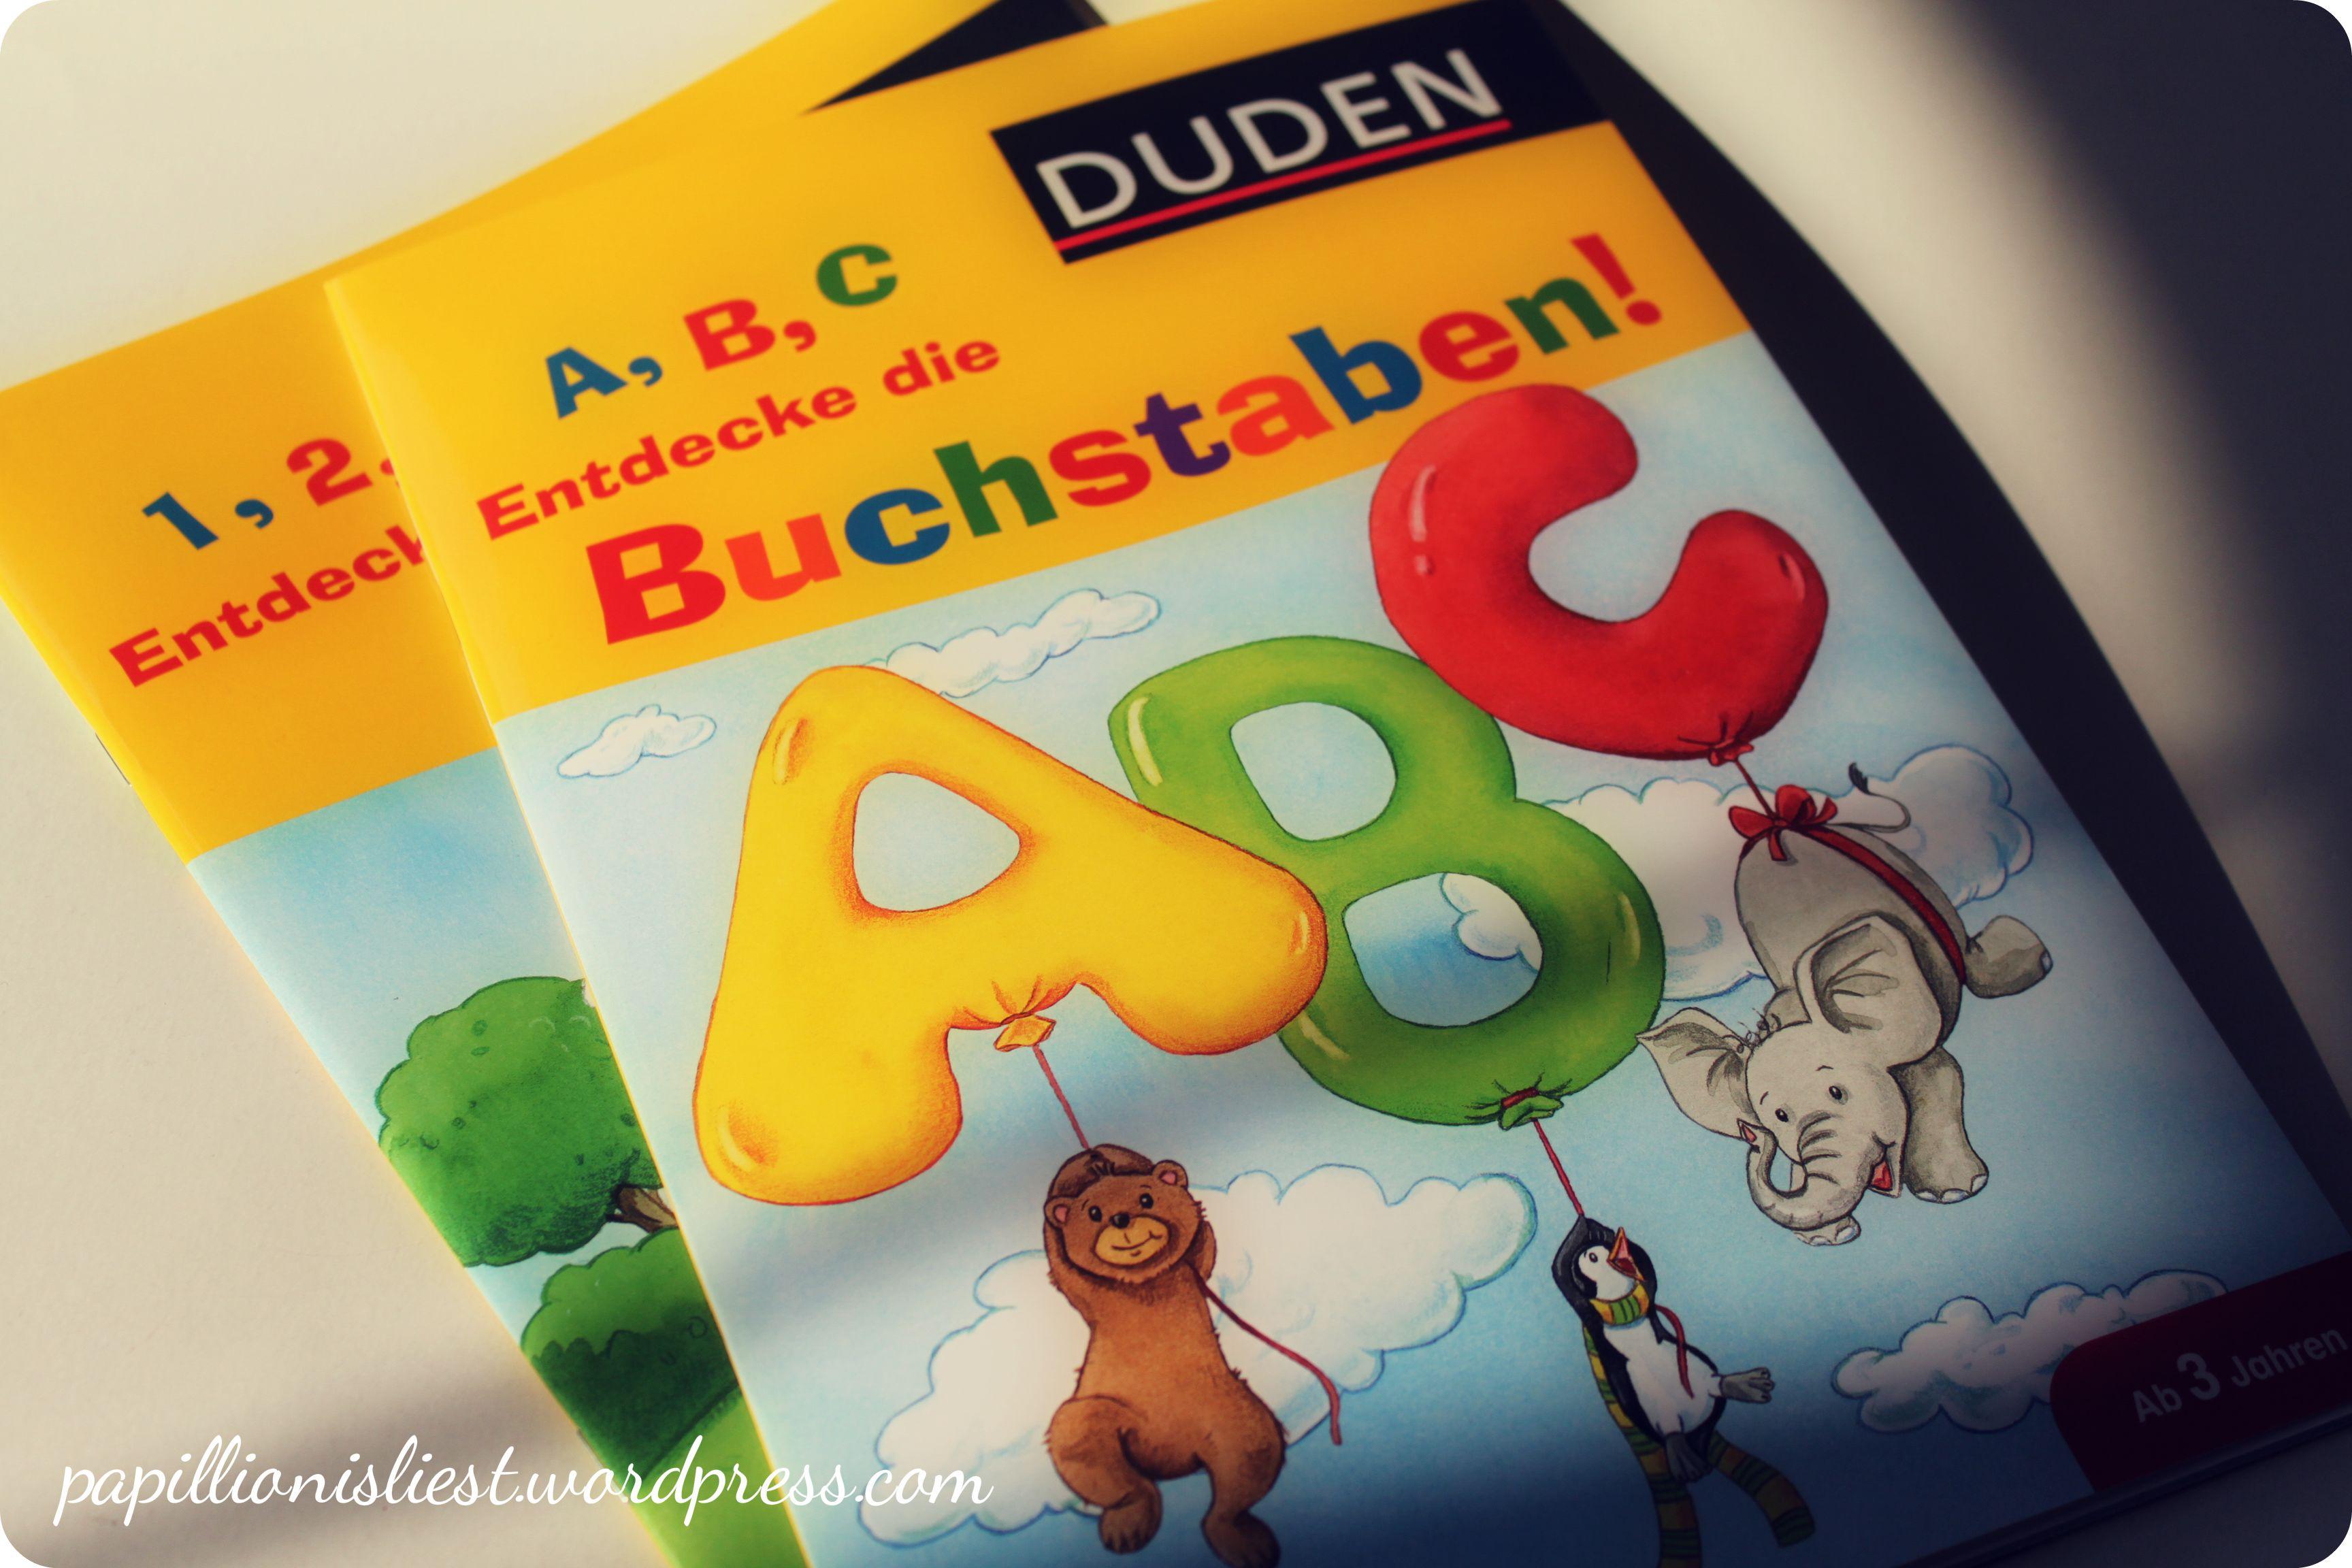 A, B, C Entdecke die Buchstaben!